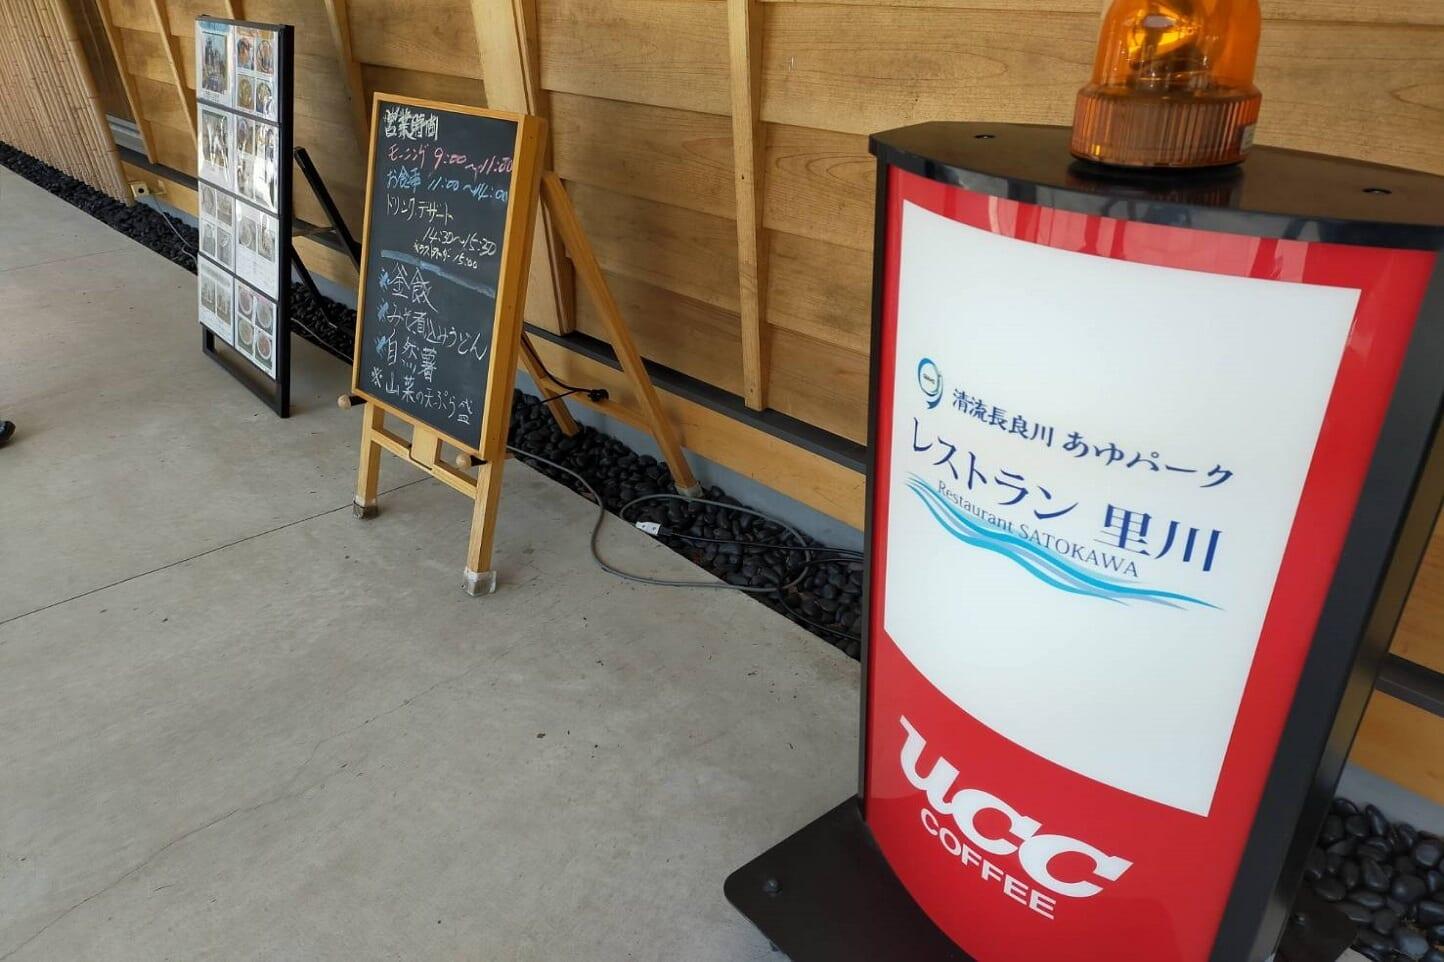 レストラン里川 スライダー画像1